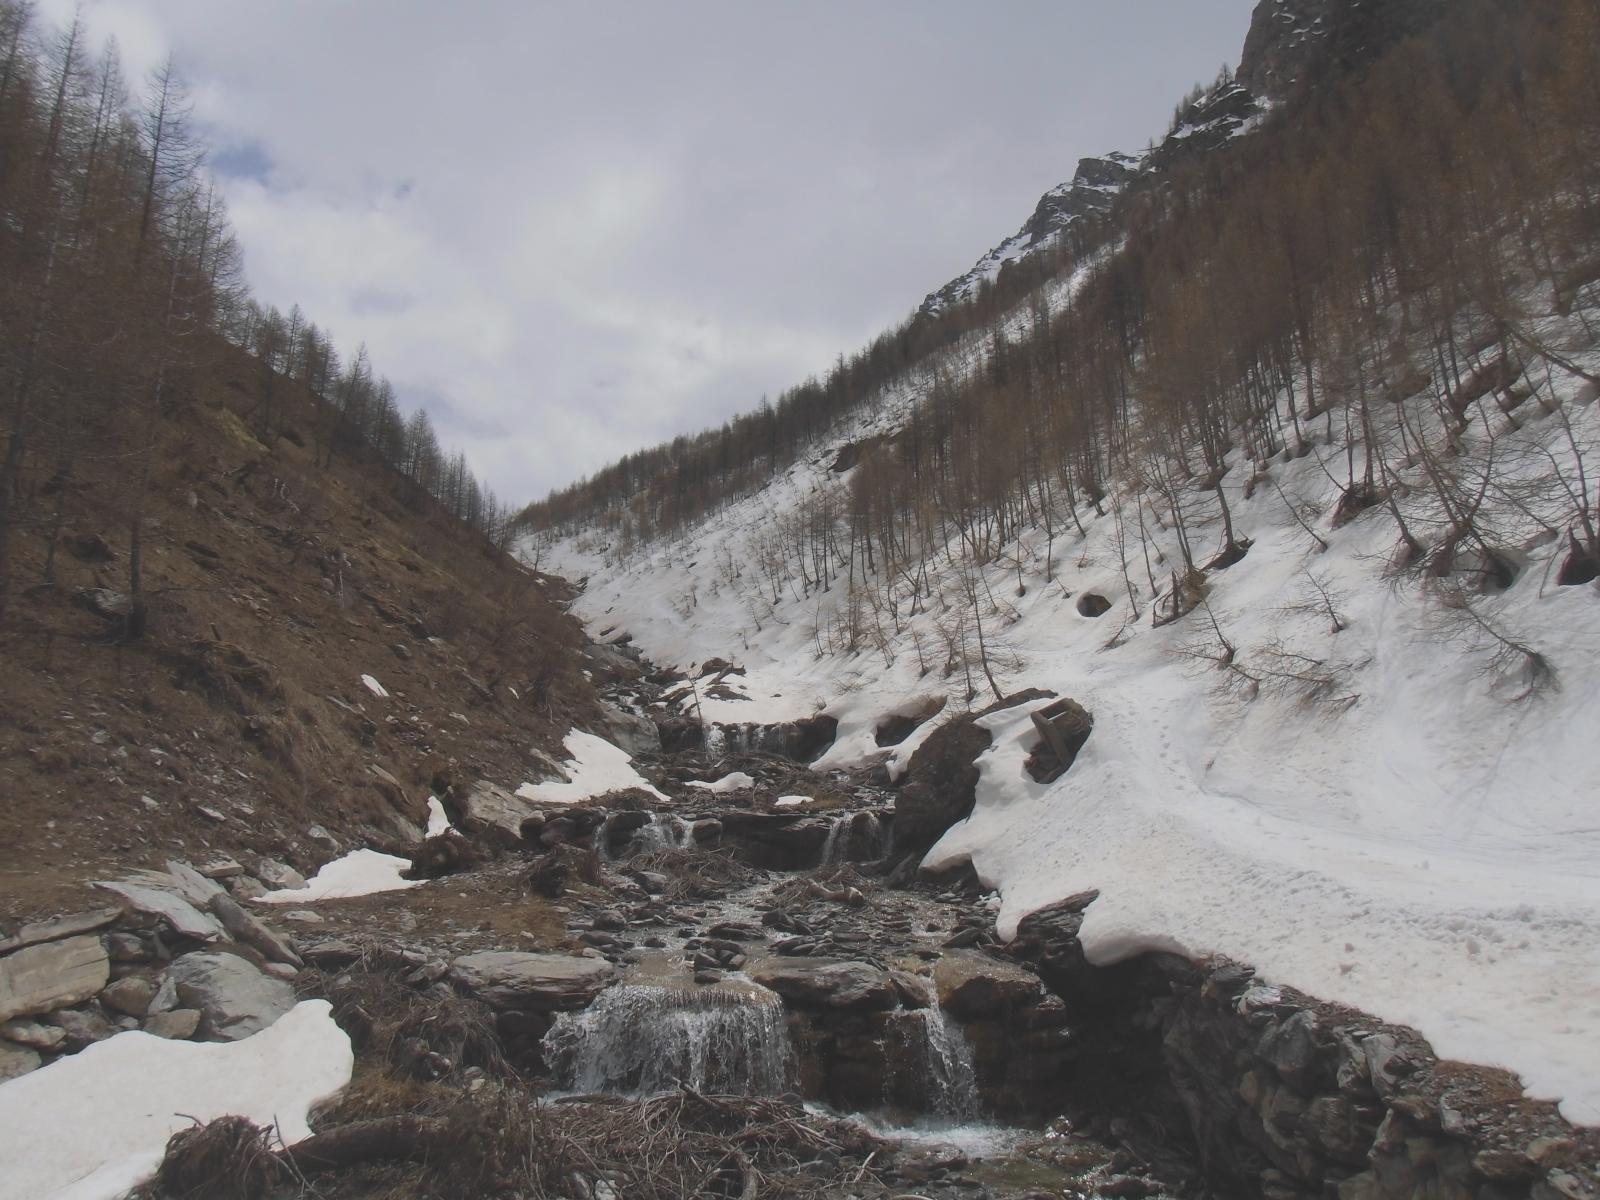 No neve, chi preferisce: dal sentiero estivo 300 mt lineari x trovarla